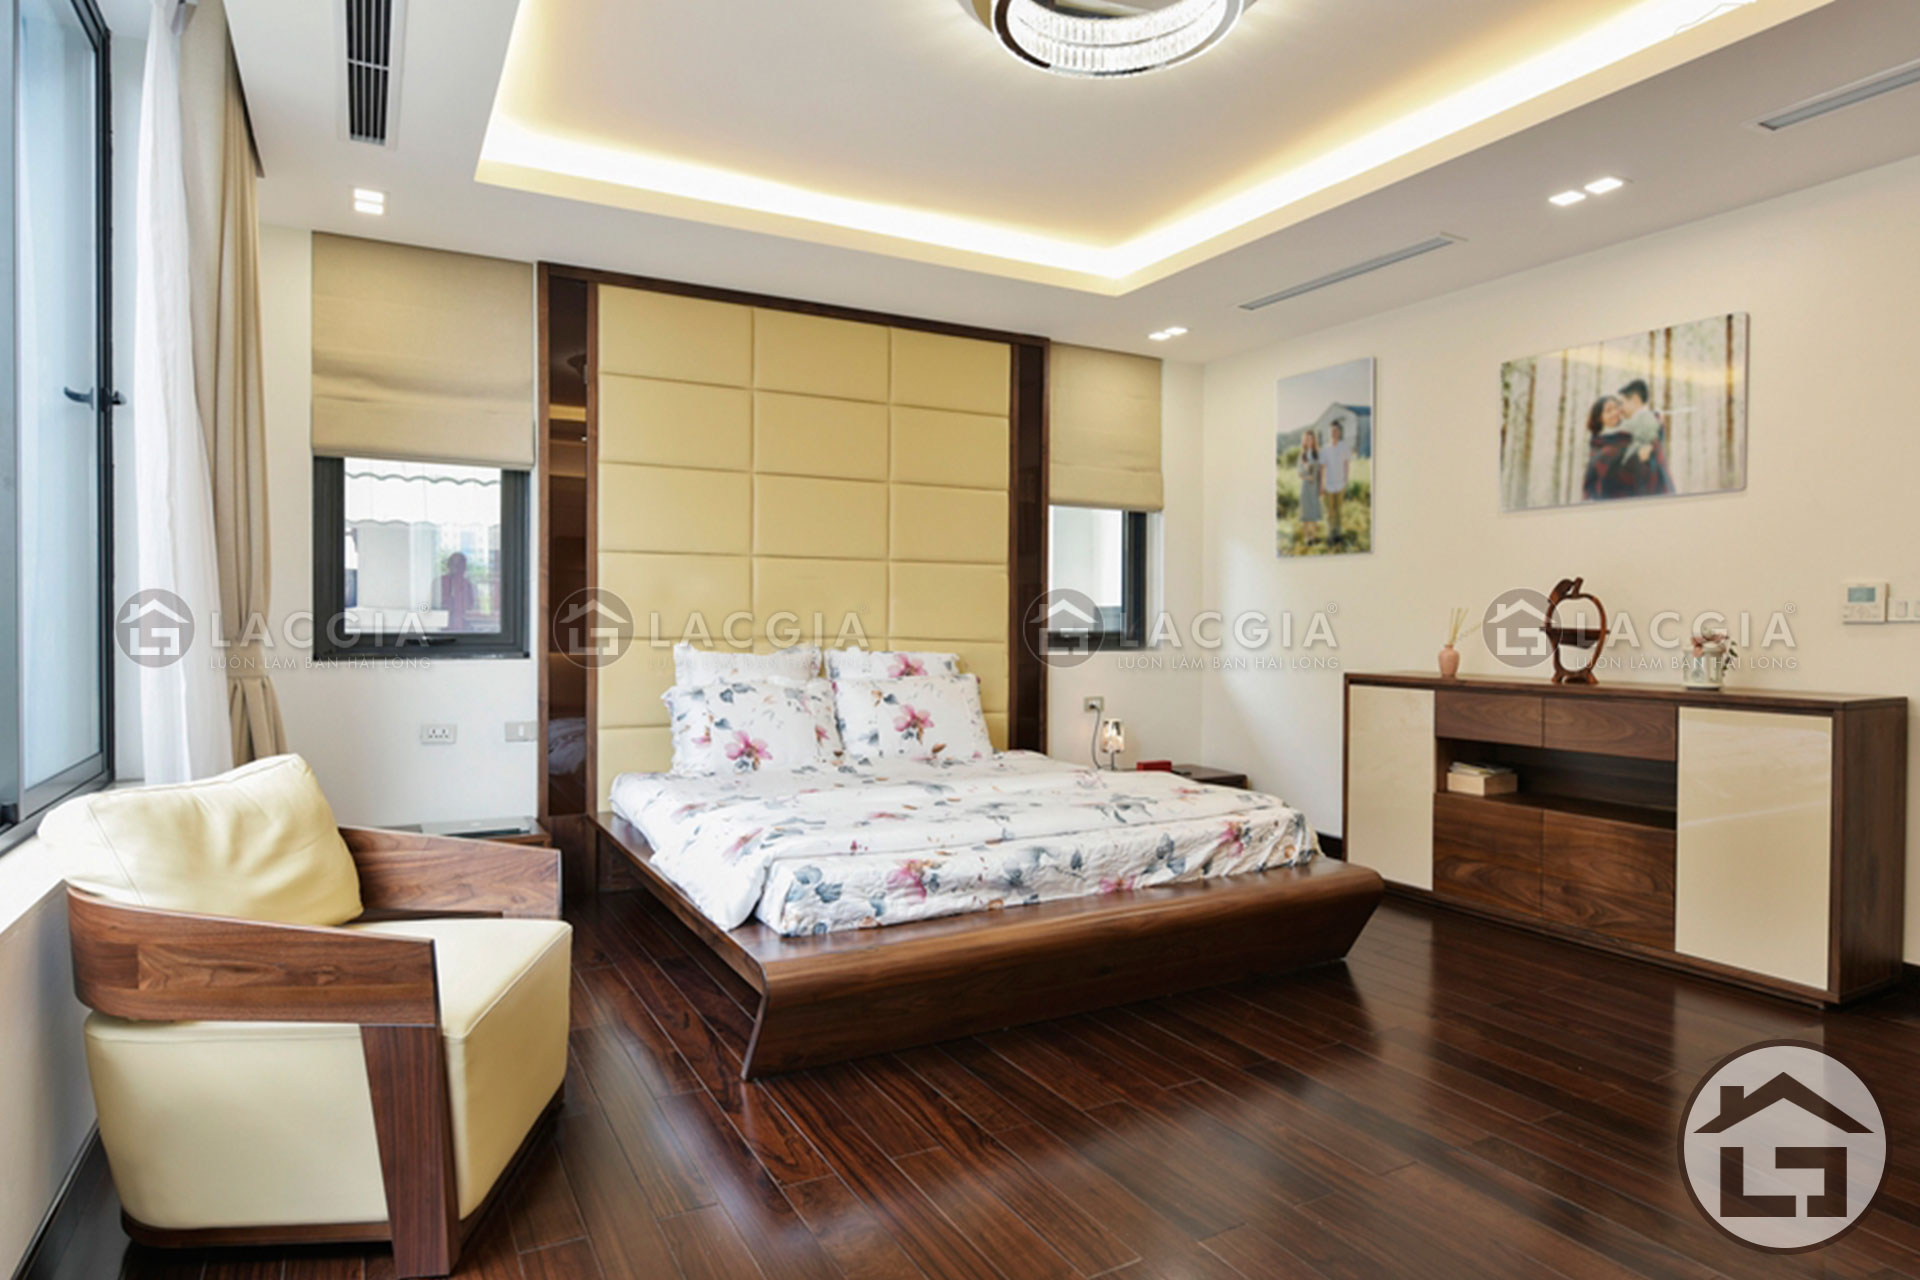 Thiết kế không gian nội thất phòng ngủ